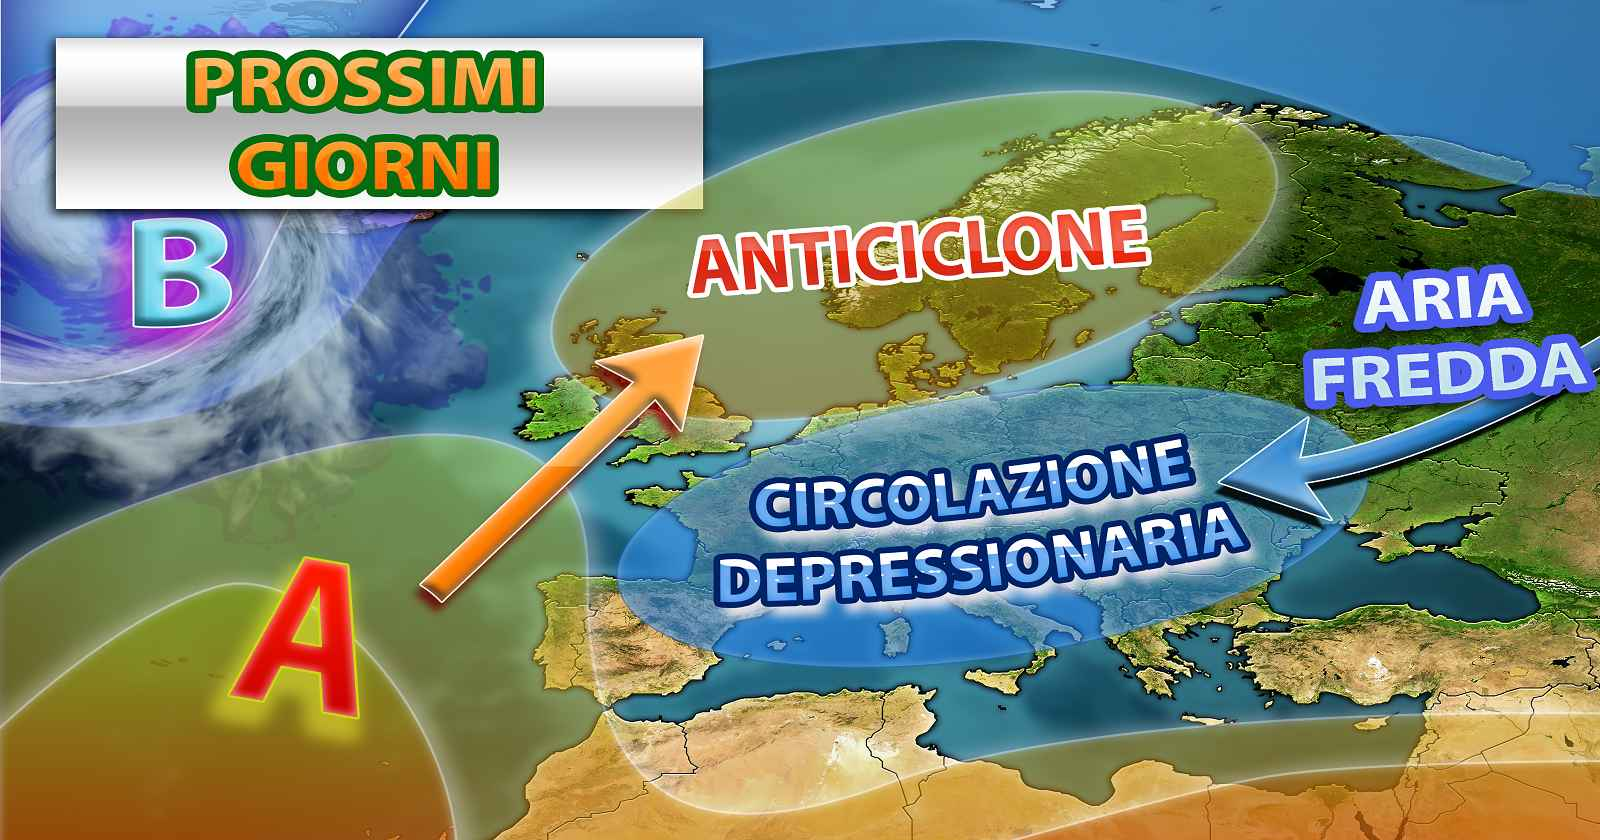 Ancora maltempo e temperature sotto la media nei prossimi giorni - grafica a cura del Centro Meteo Italiano